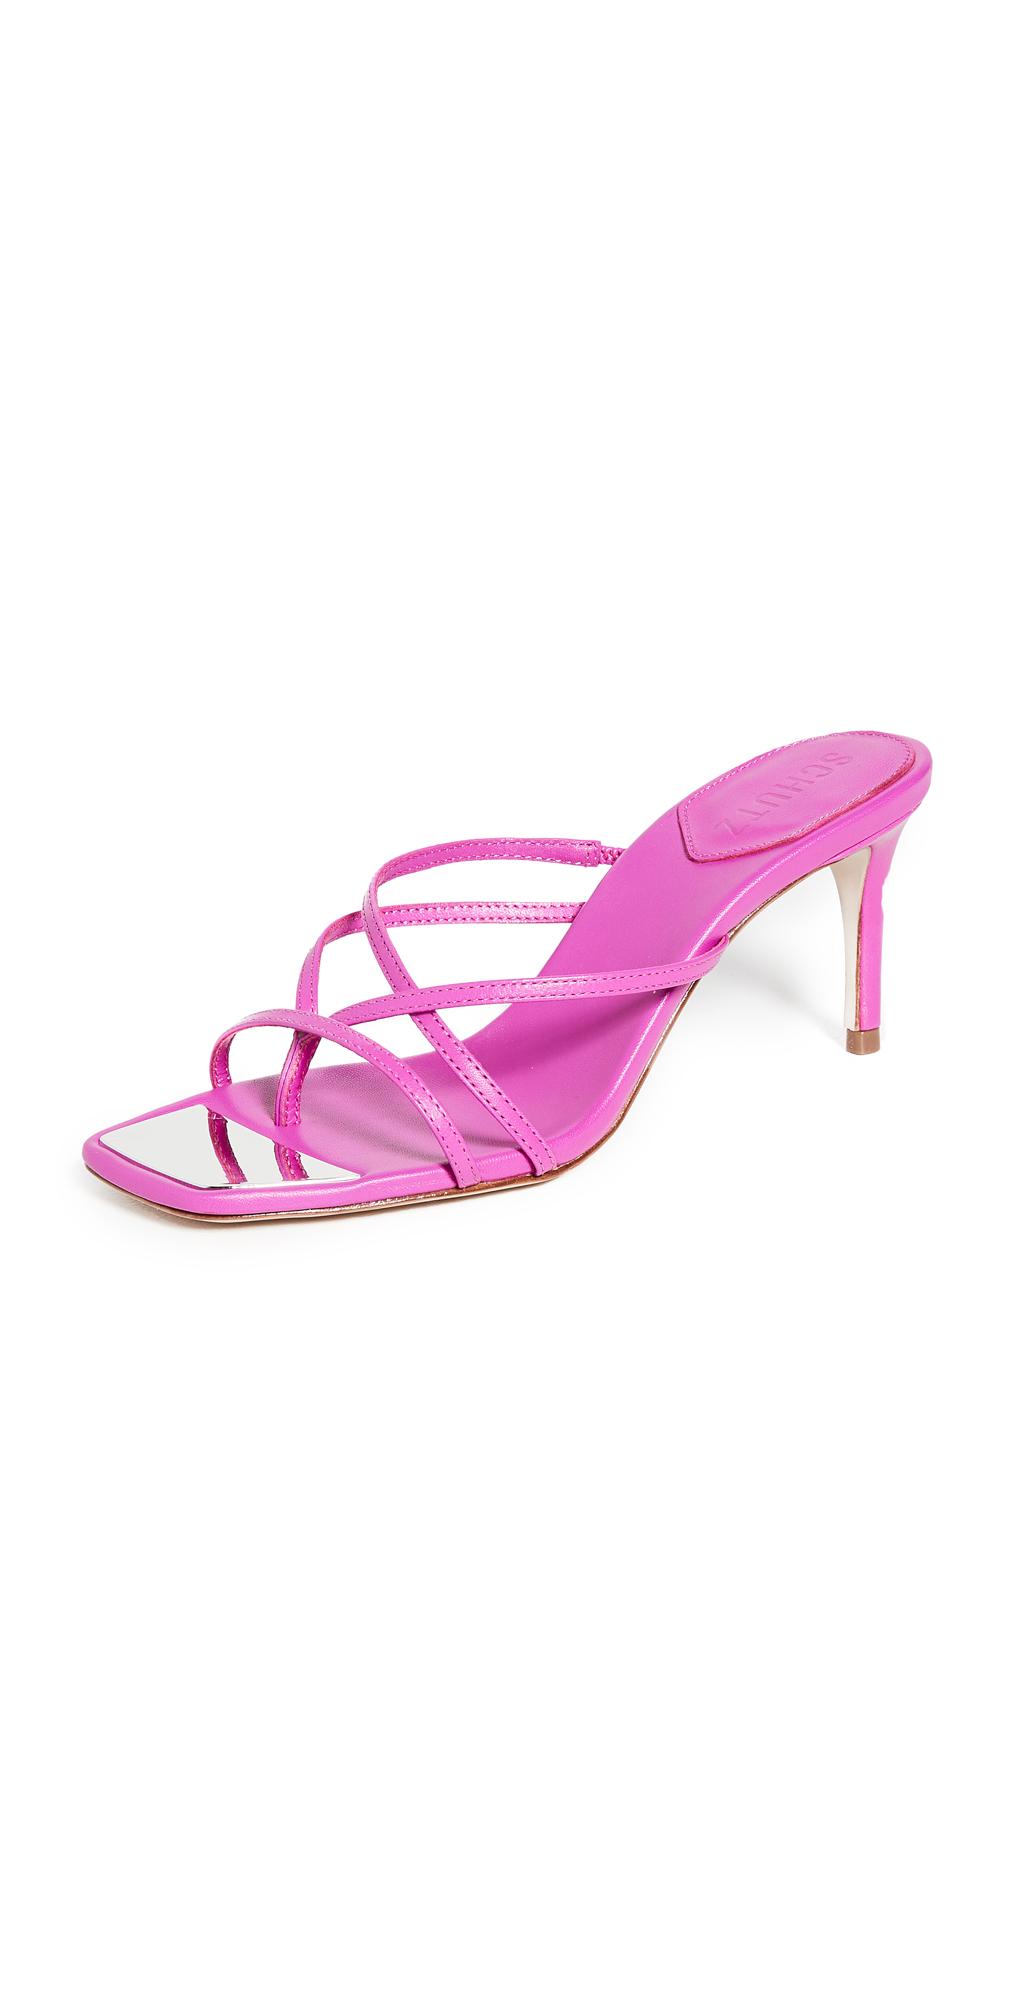 Schutz Tyna Sandals